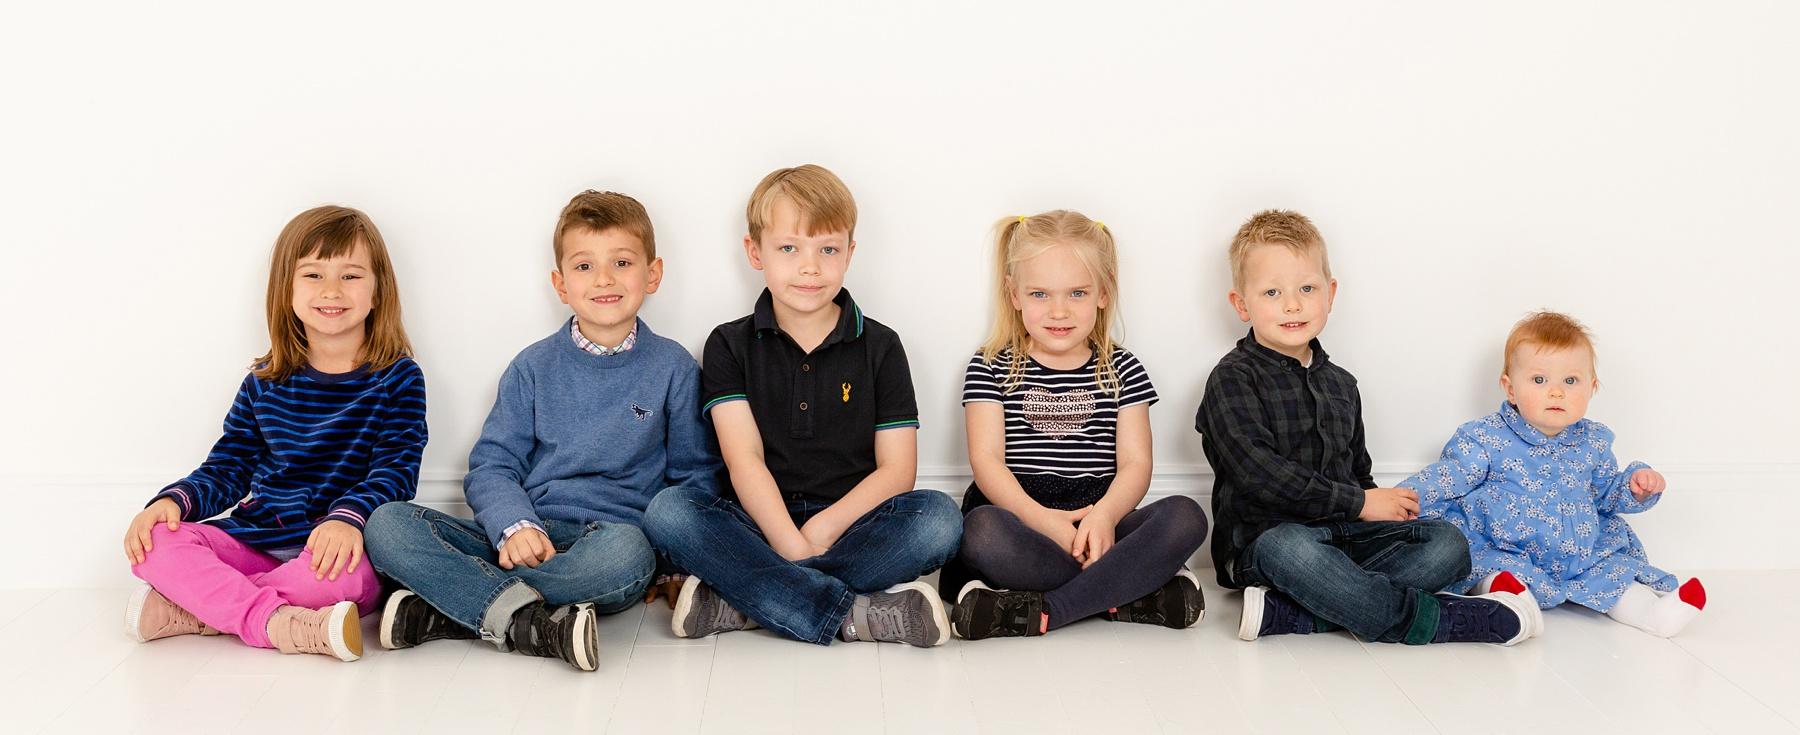 Large Family Group Photography Edinburgh